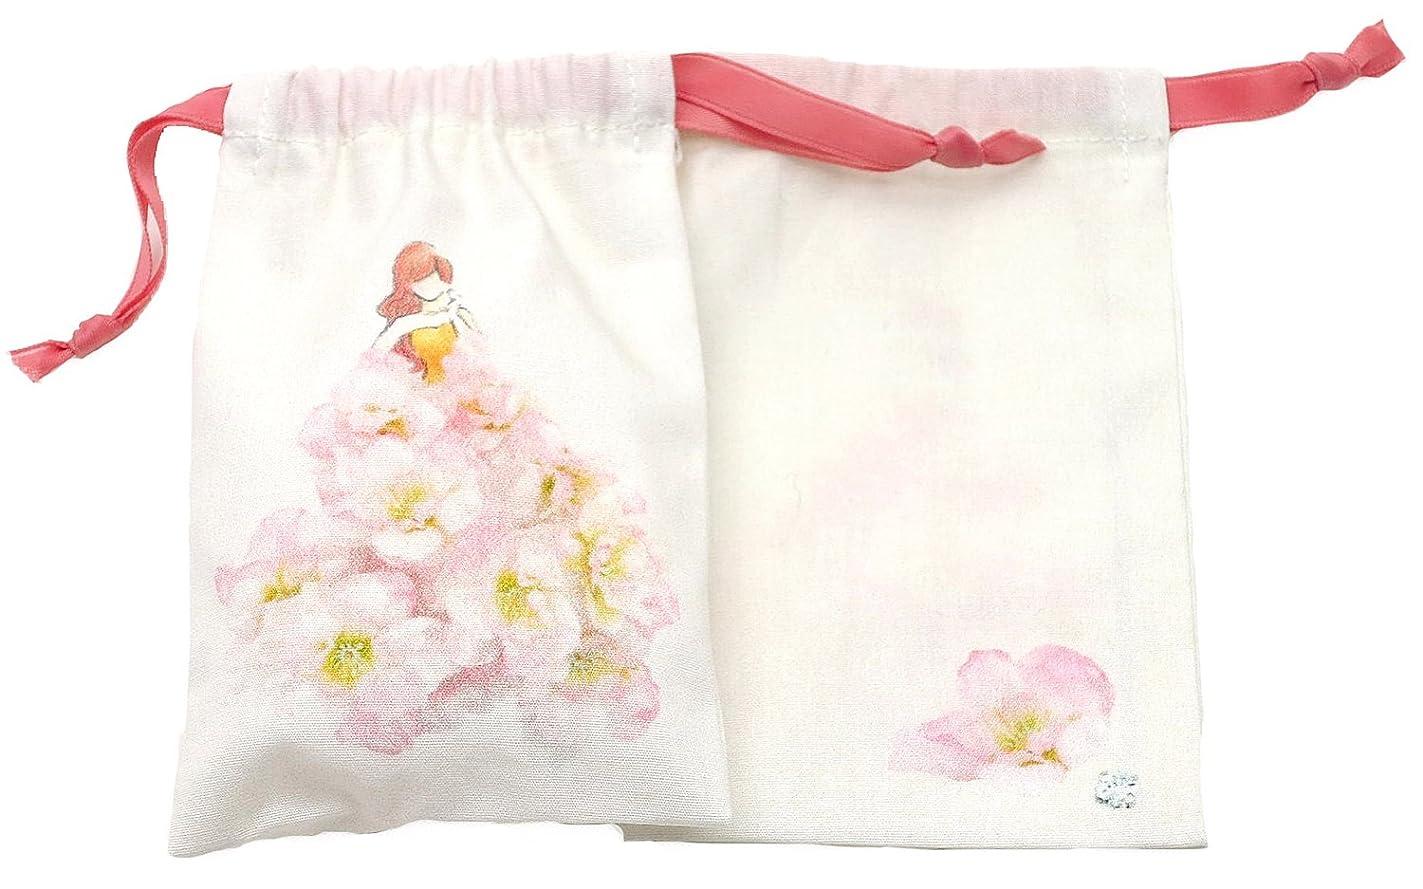 閲覧する推定するジョガーセ?ルポゼ サシェ(香り袋) ドレス ピンク ブロッサム 消臭 除湿 バイオ抗菌 日本製 IJS31-01-2